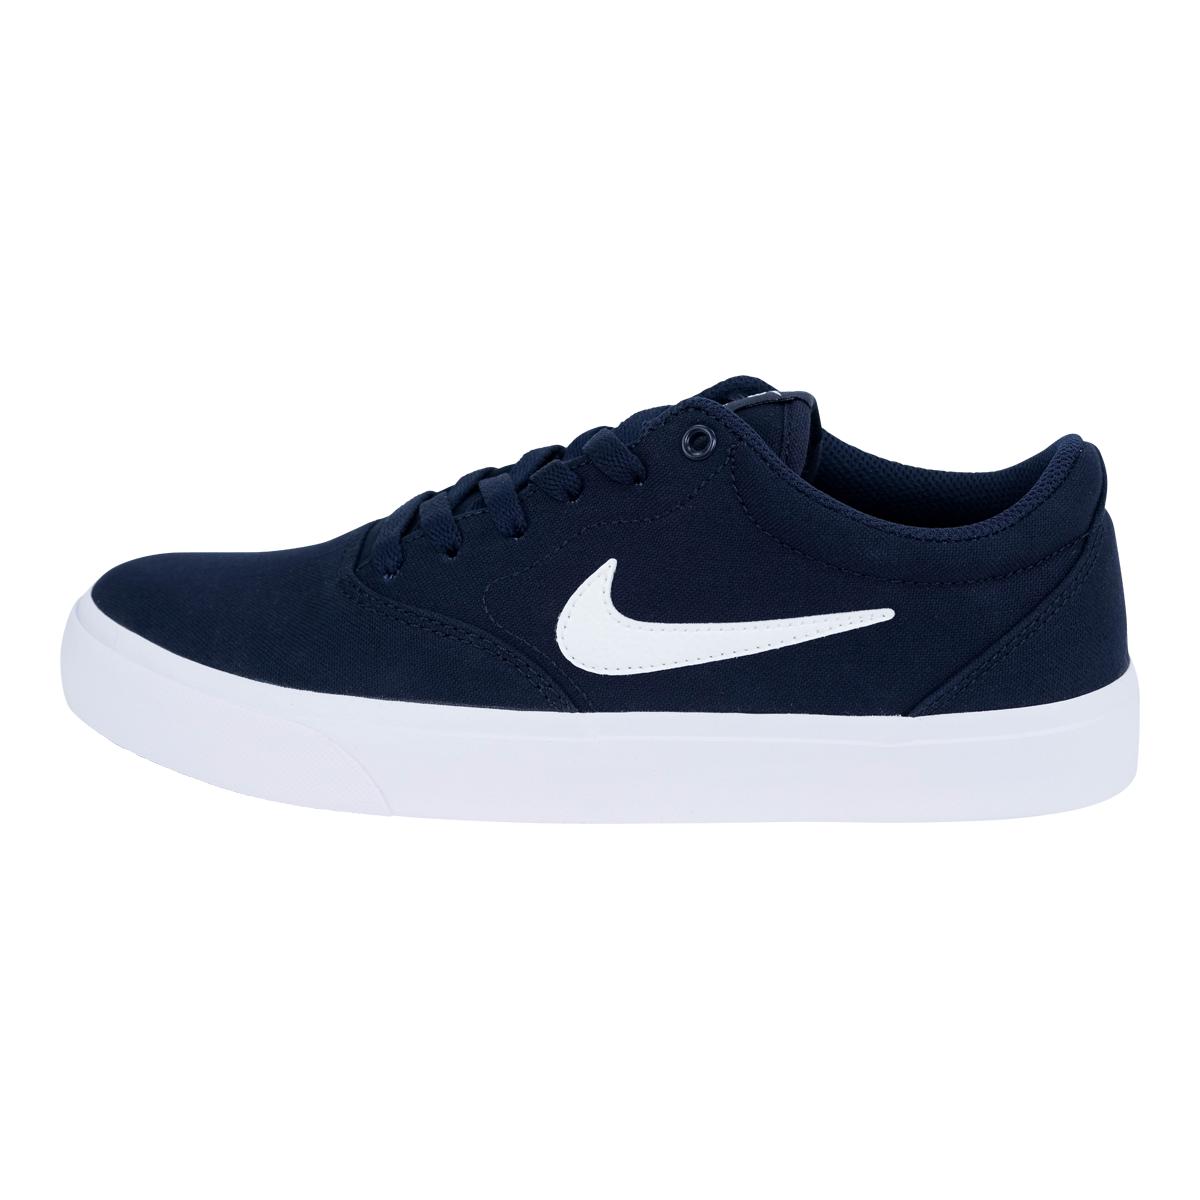 Nike-Men-039-s-SB-Charge-Solarsoft-Shoes thumbnail 7